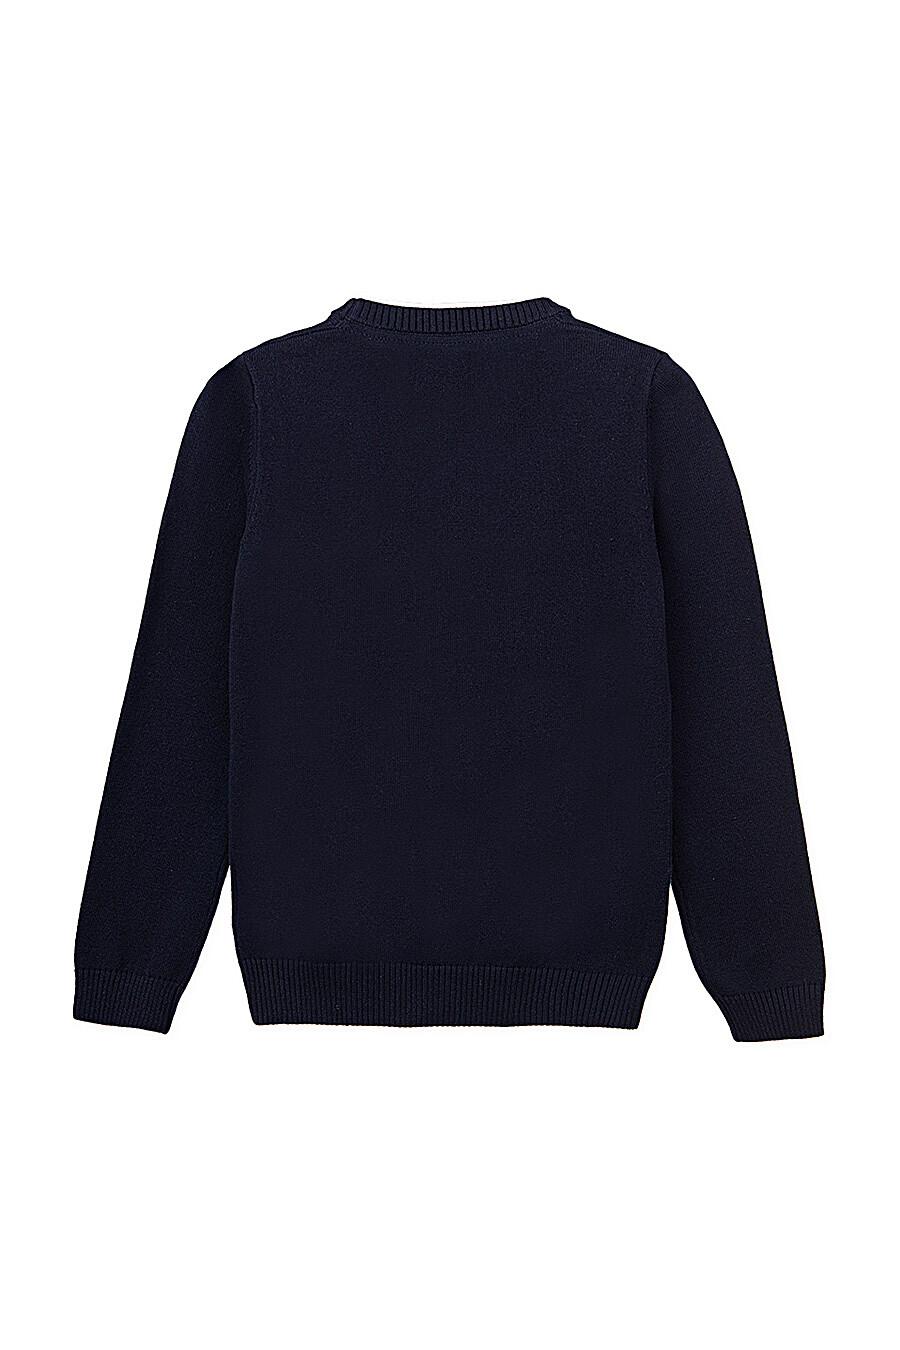 Кардиган для девочек PLAYTODAY 205422 купить оптом от производителя. Совместная покупка детской одежды в OptMoyo